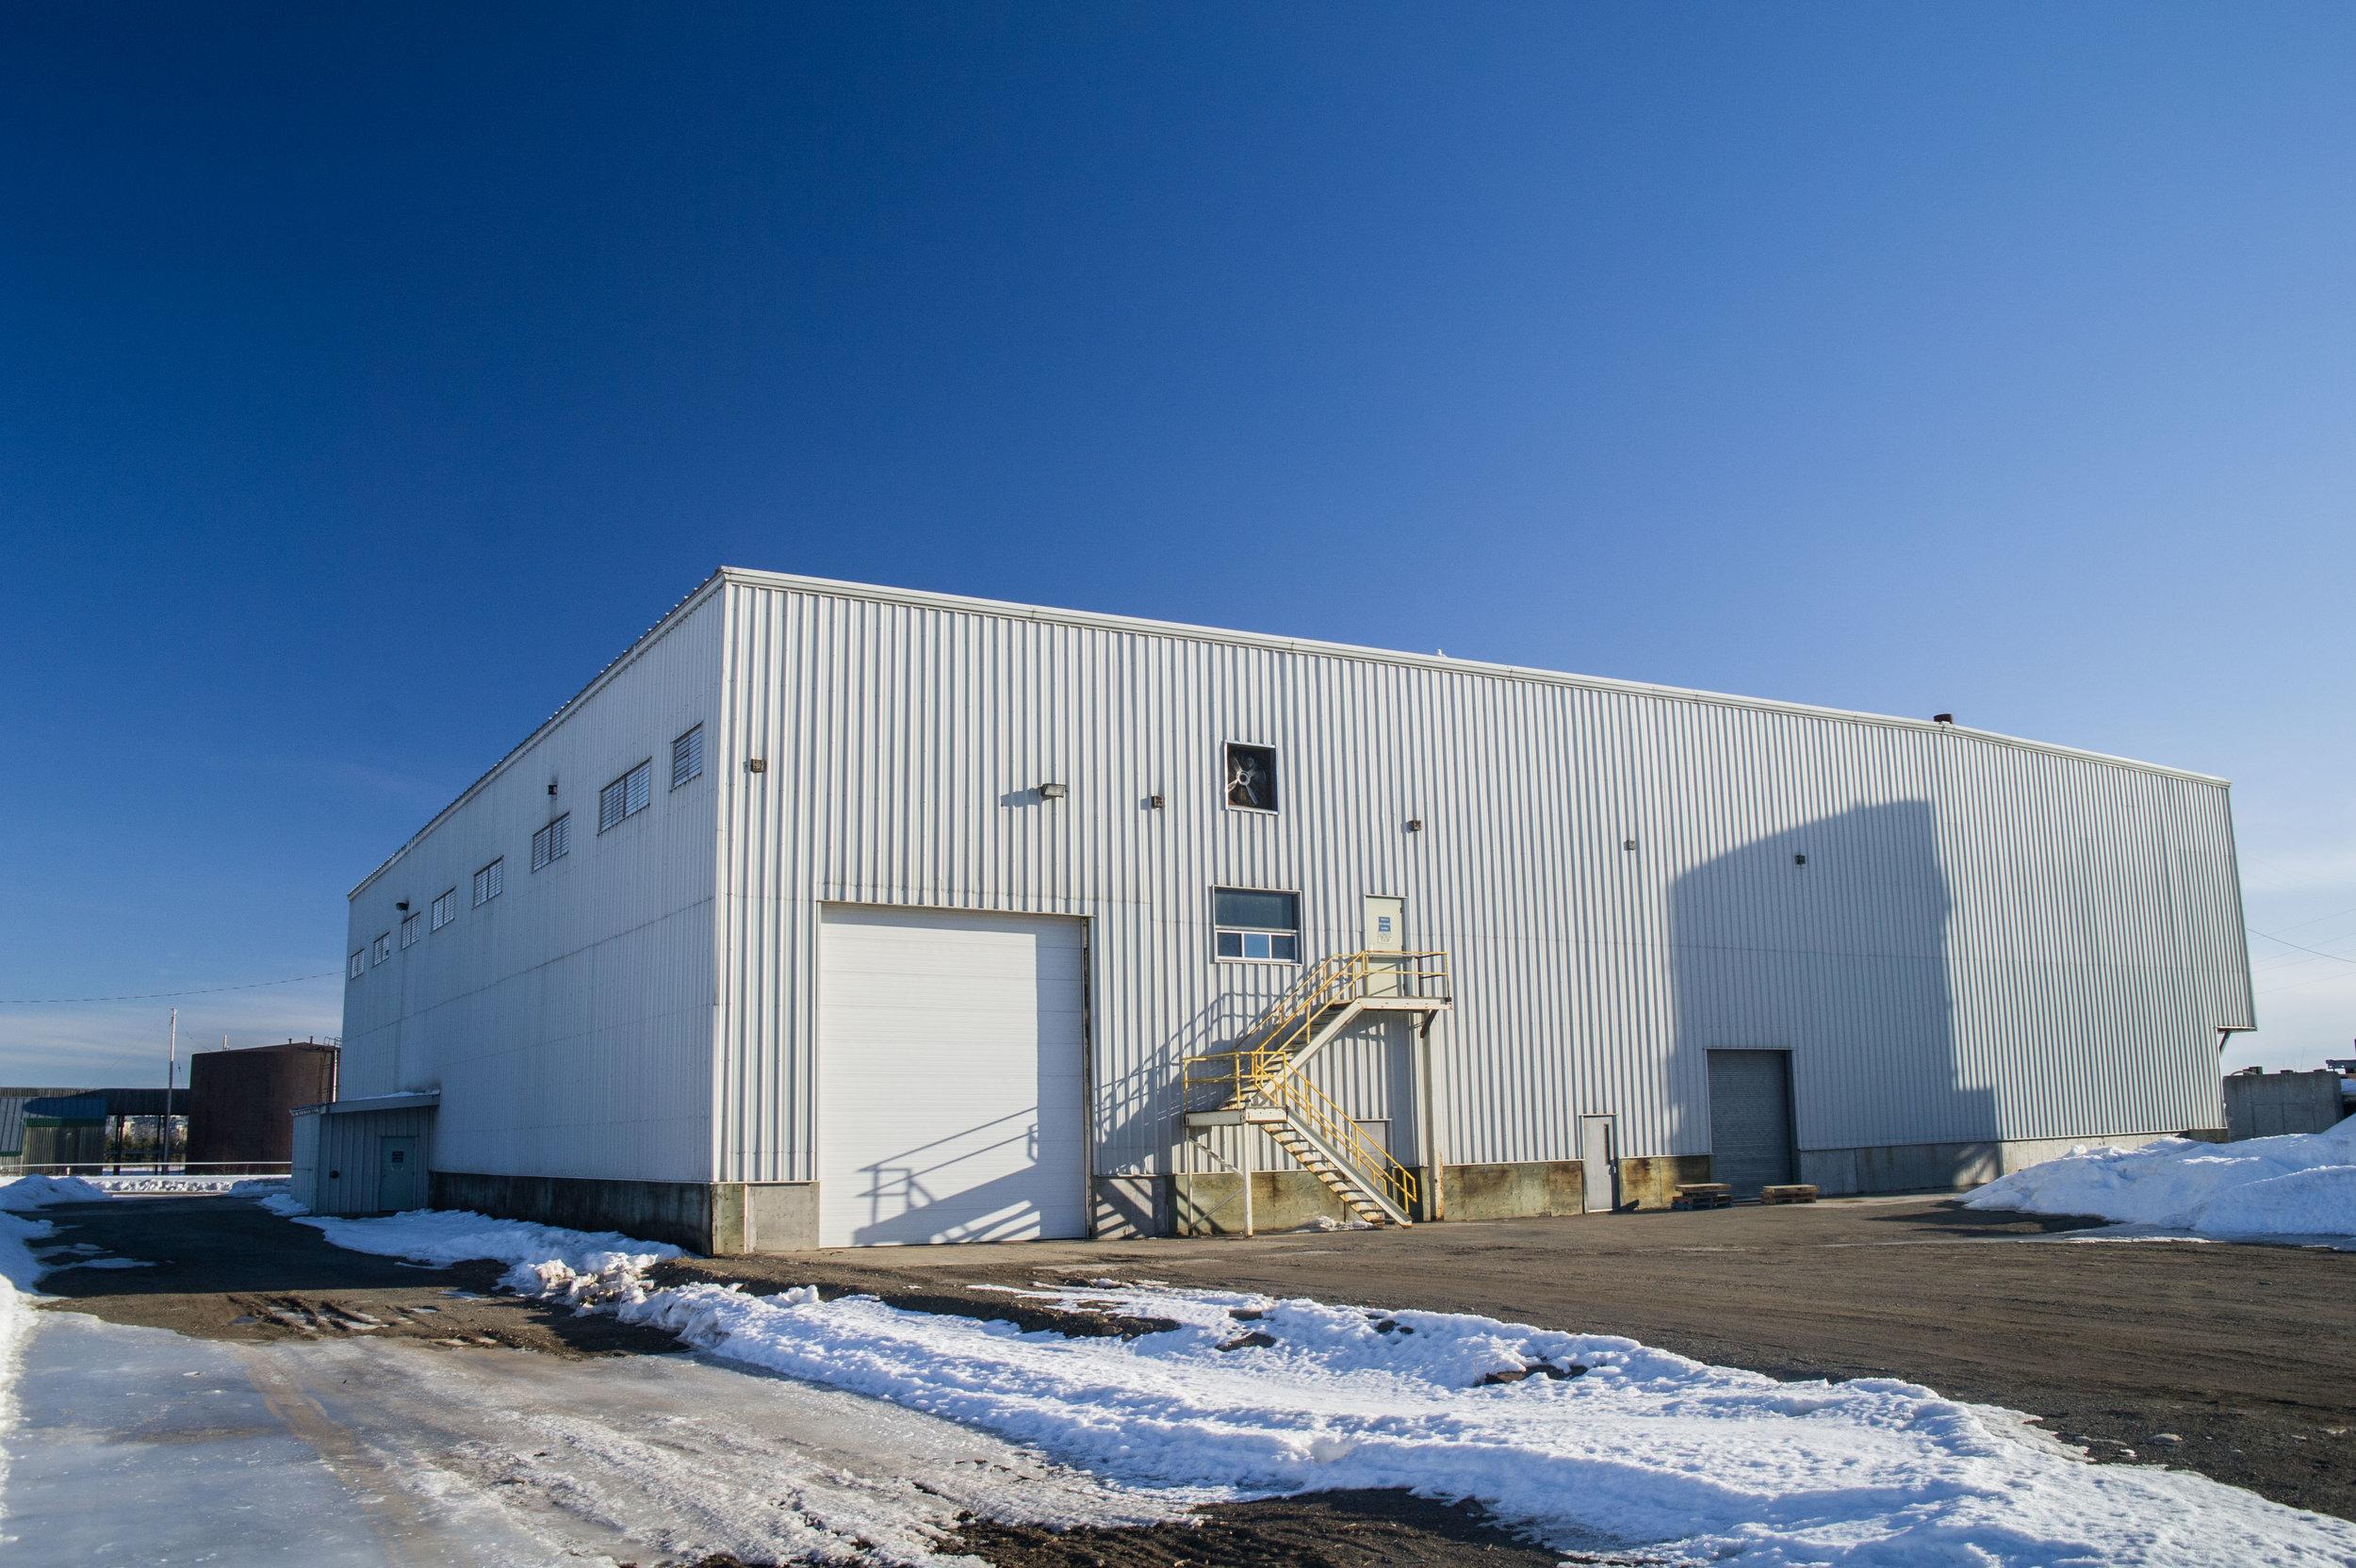 Heated warehousing